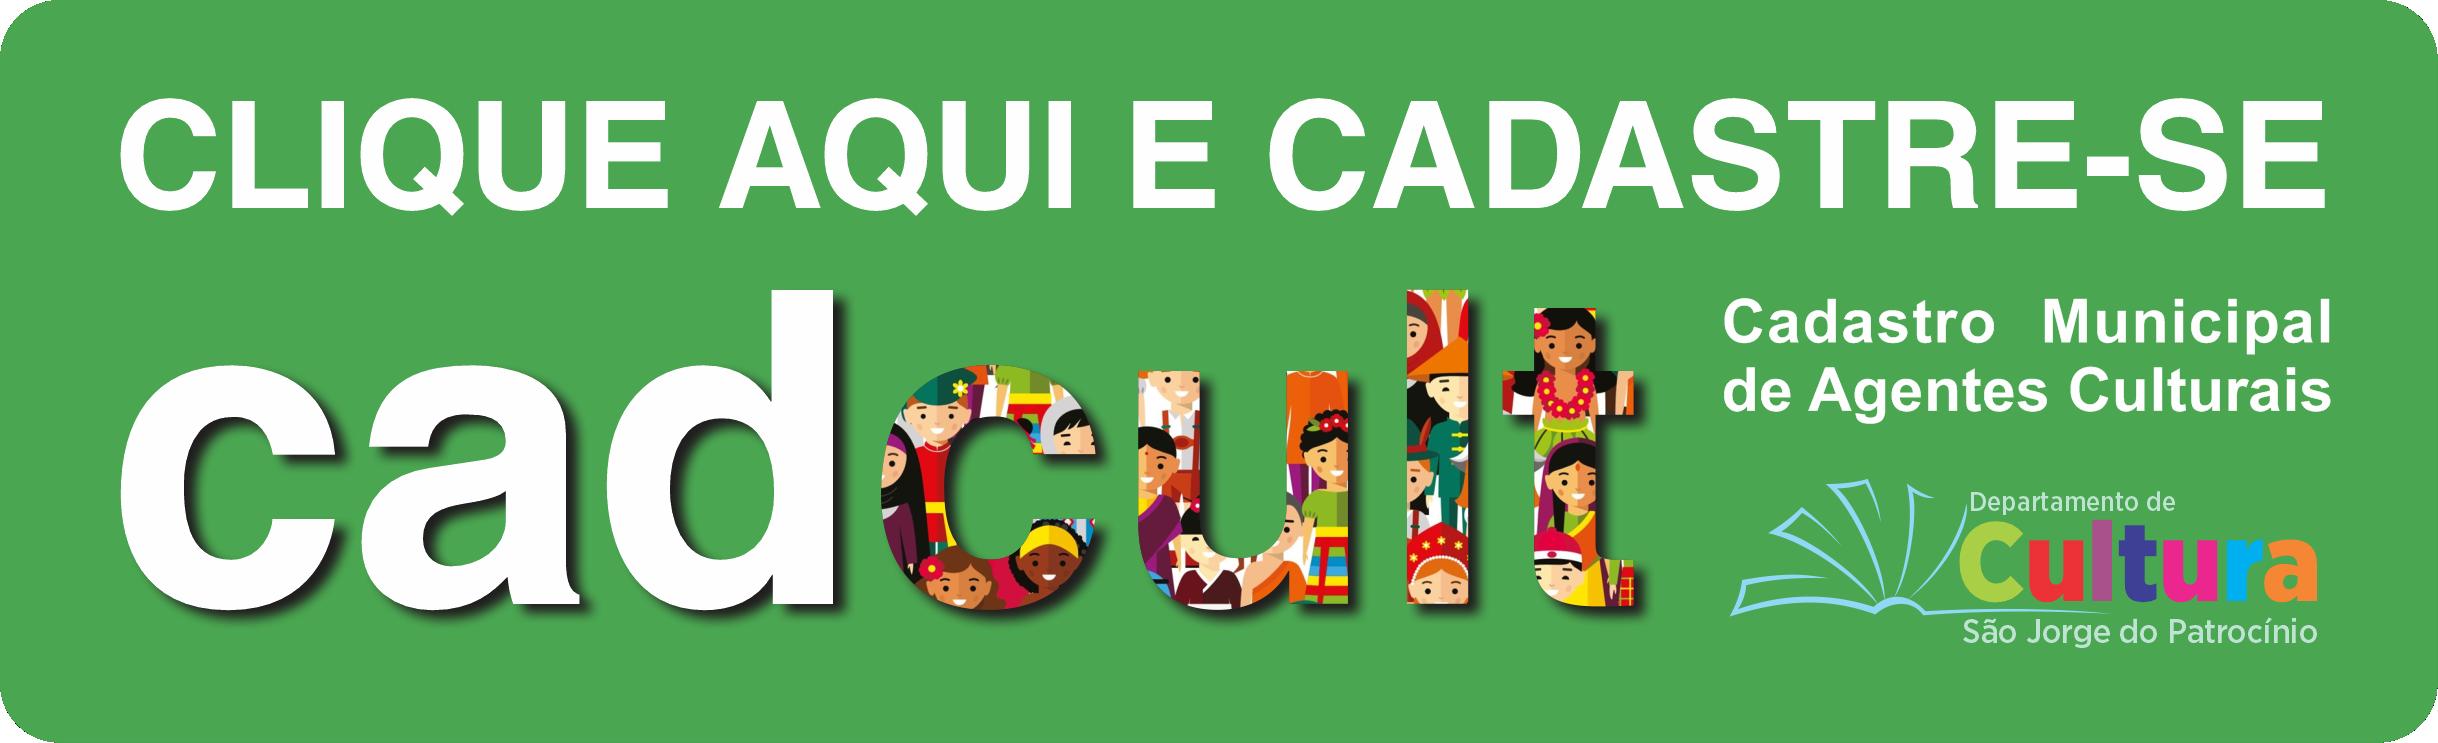 CADCULT - CADASTRO MUNICIPAL DE AGENTES CULTURAIS